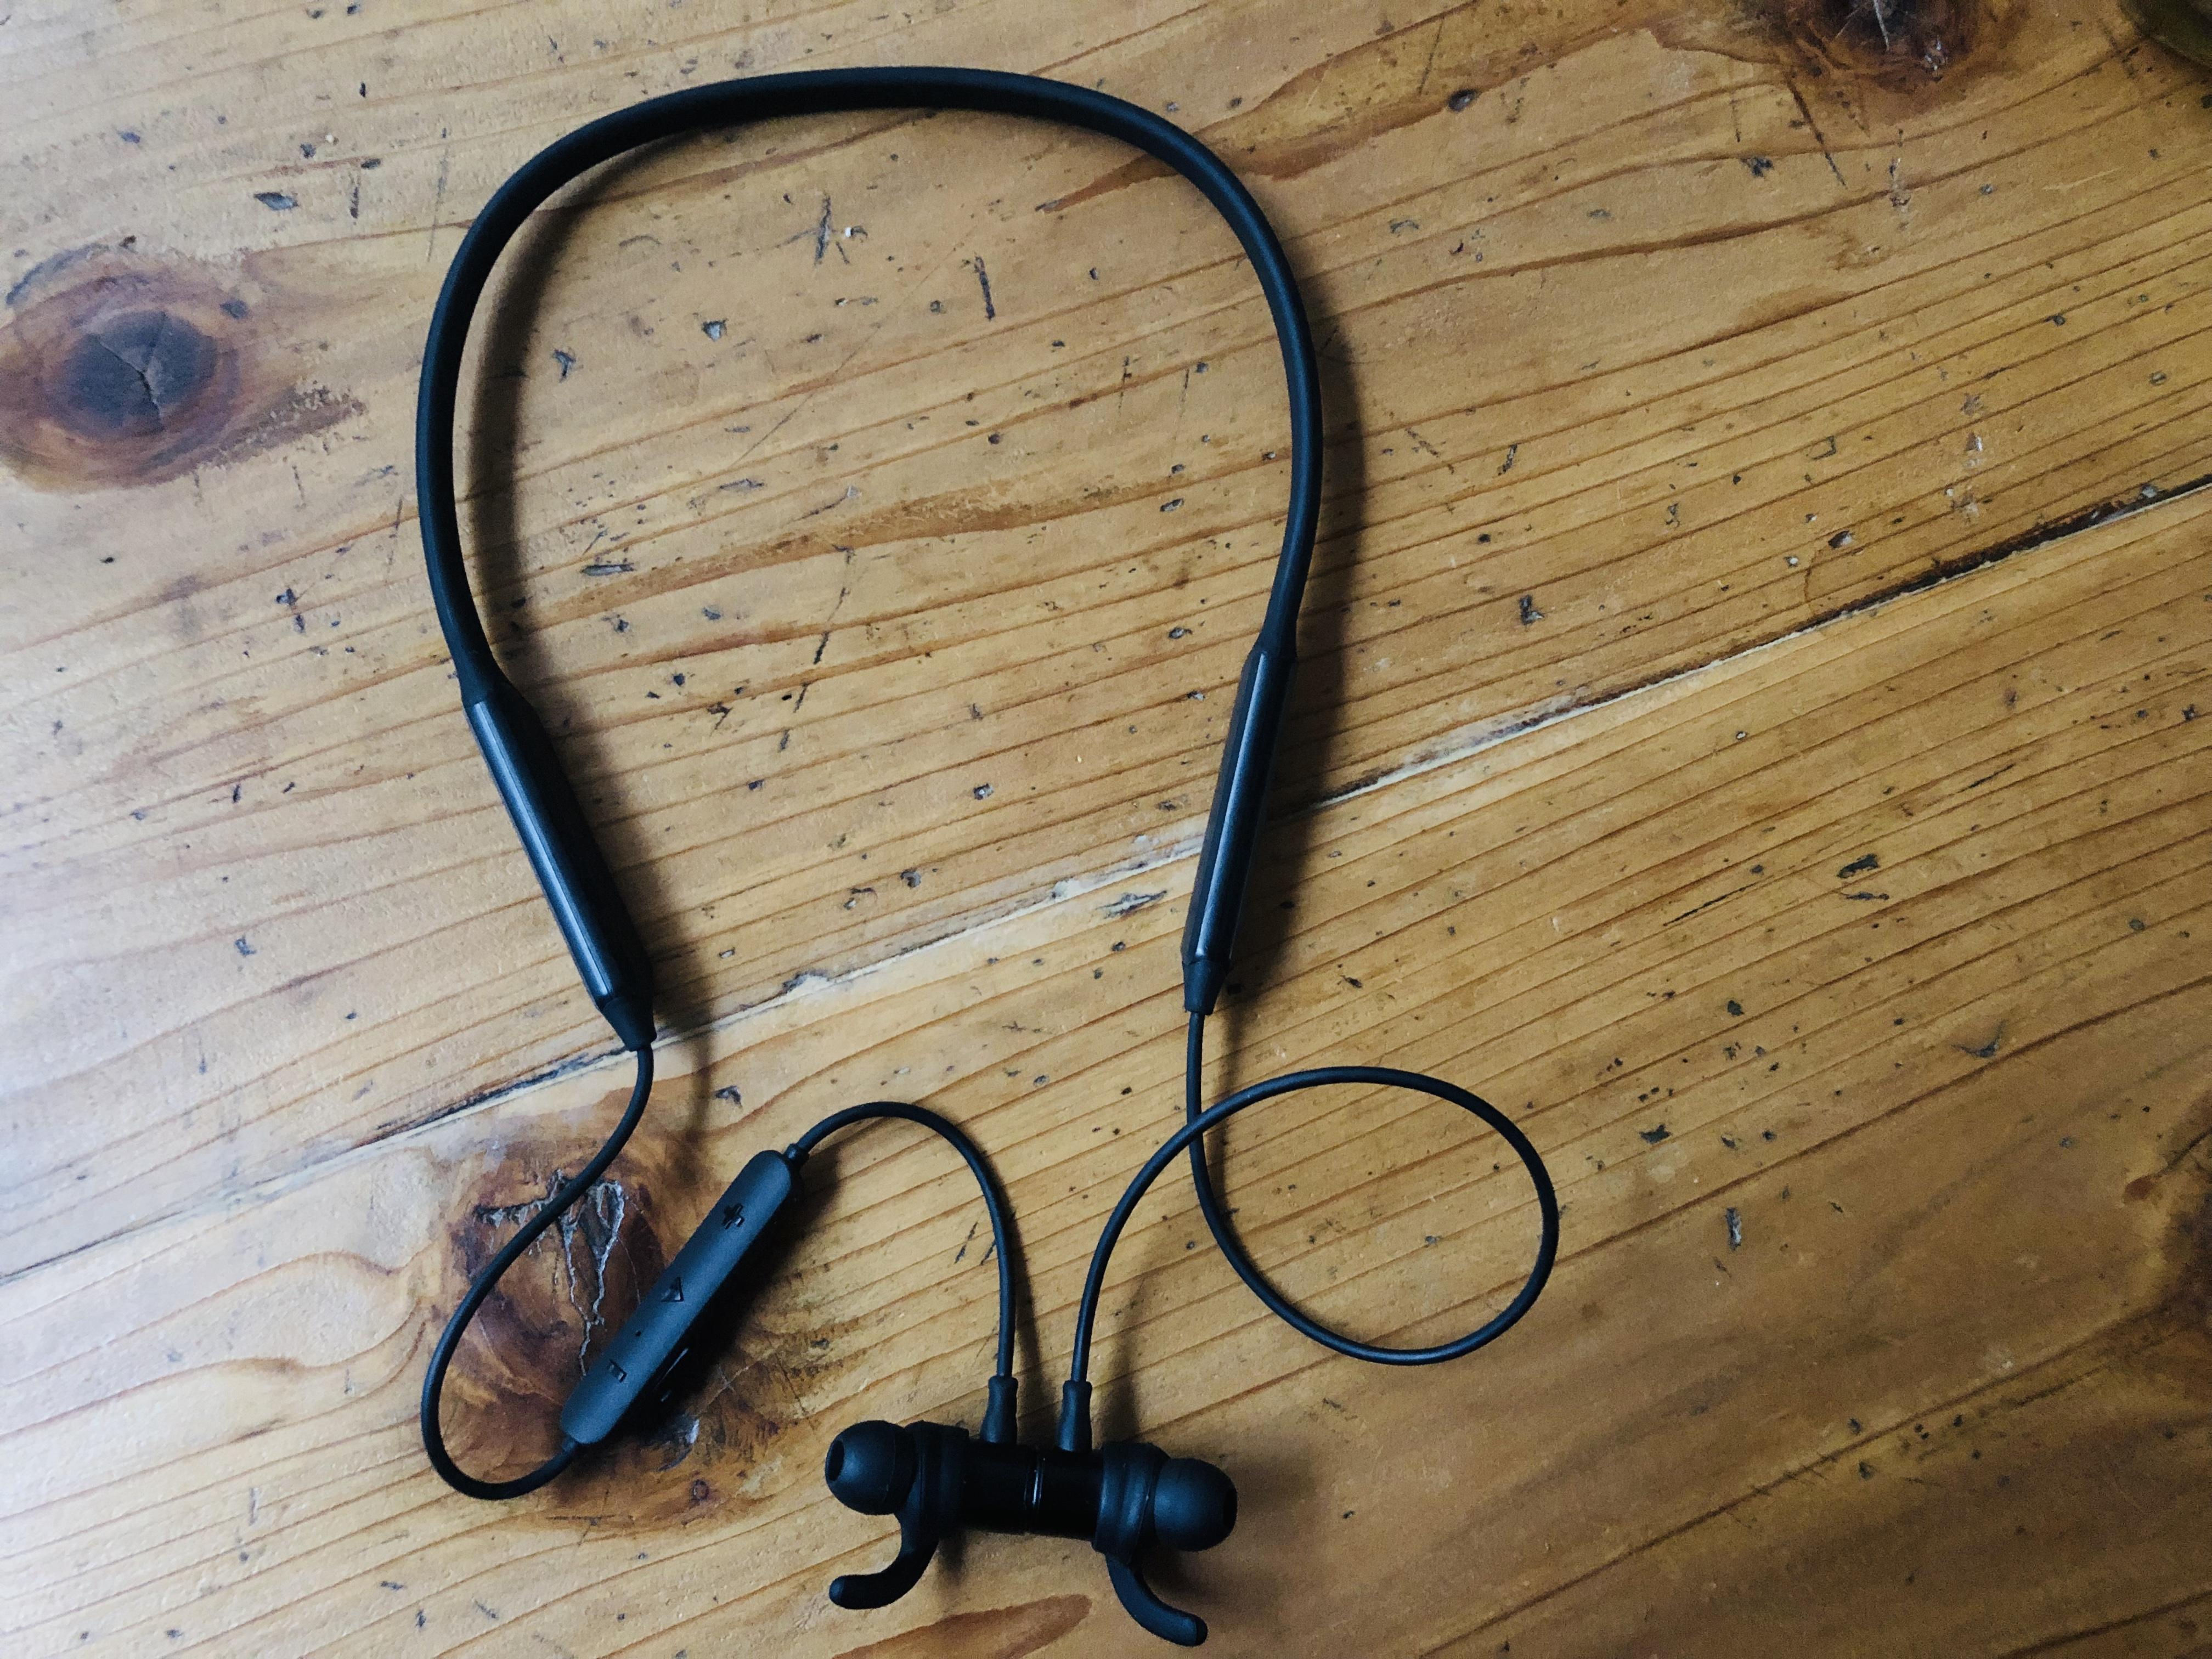 【快適だからおすすめ】帰国後1年で最も驚いた技術は、bluetoothのワイヤレス型イヤホン